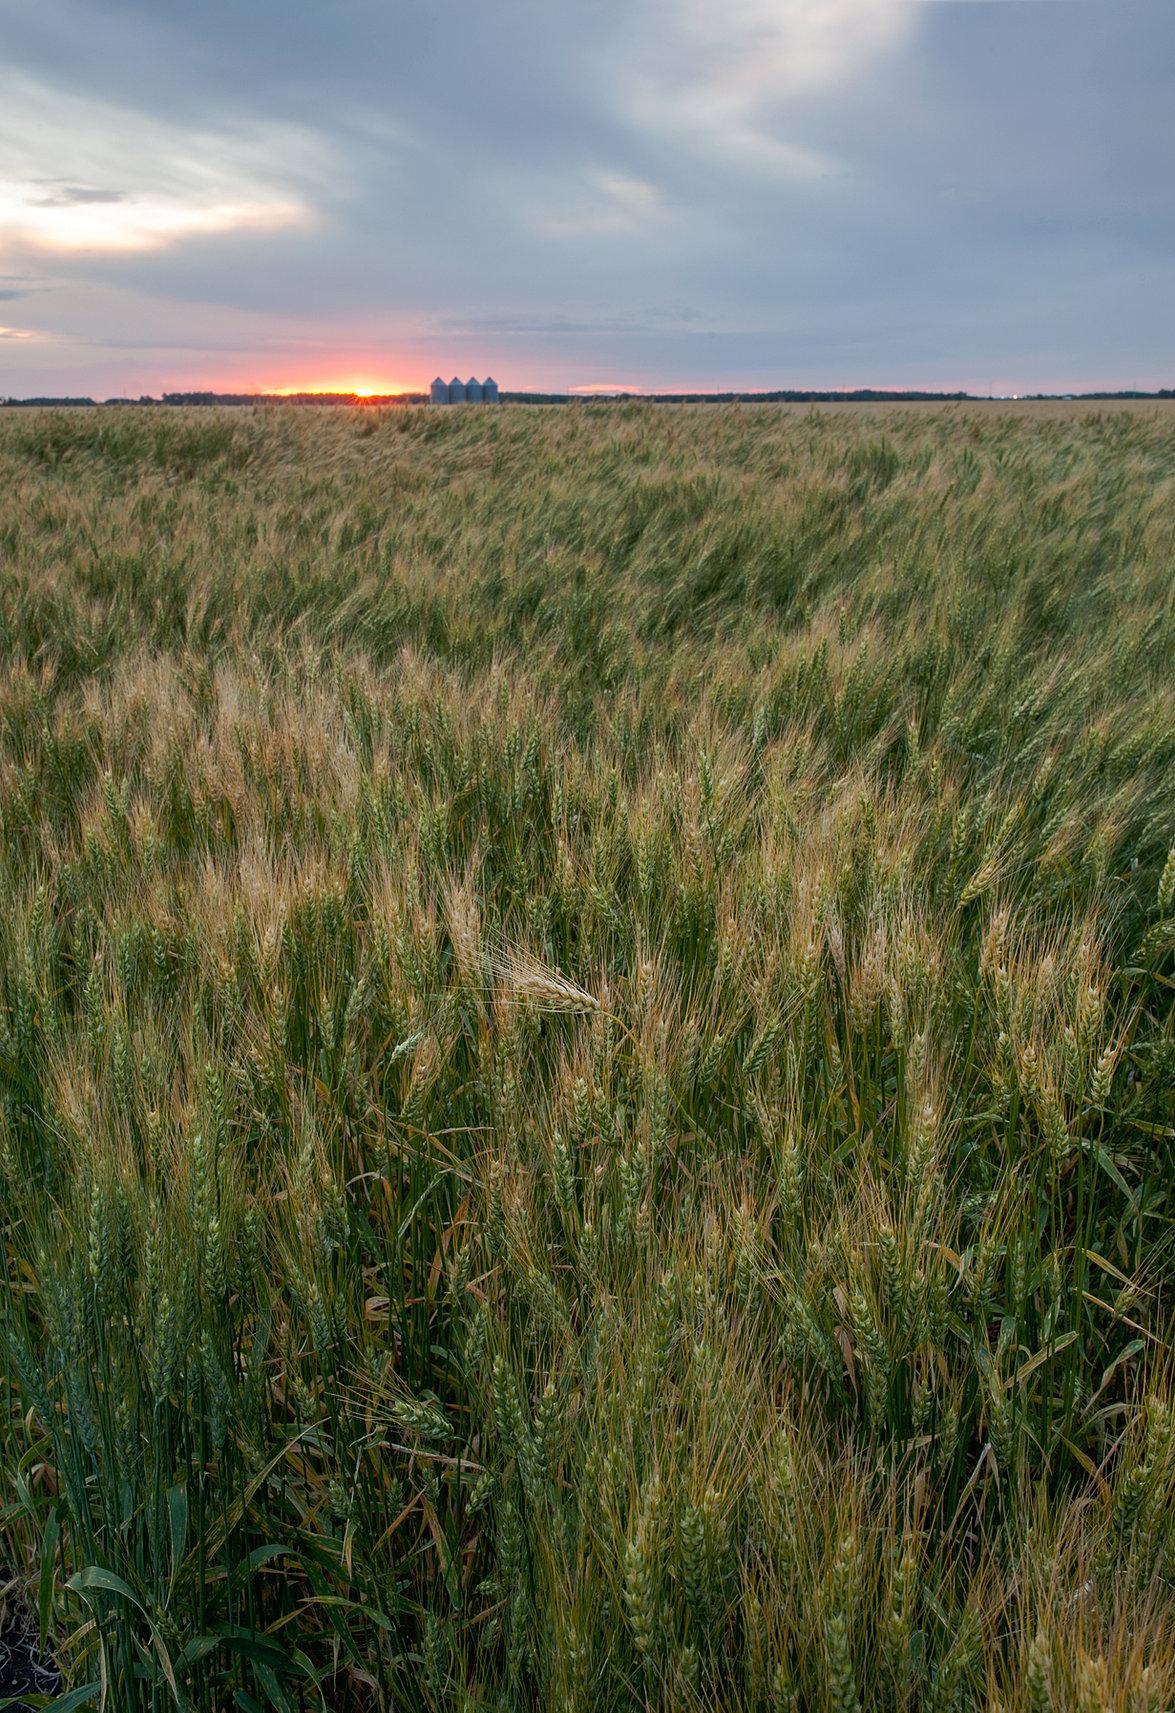 Wheat Flowing Landscape Photograph